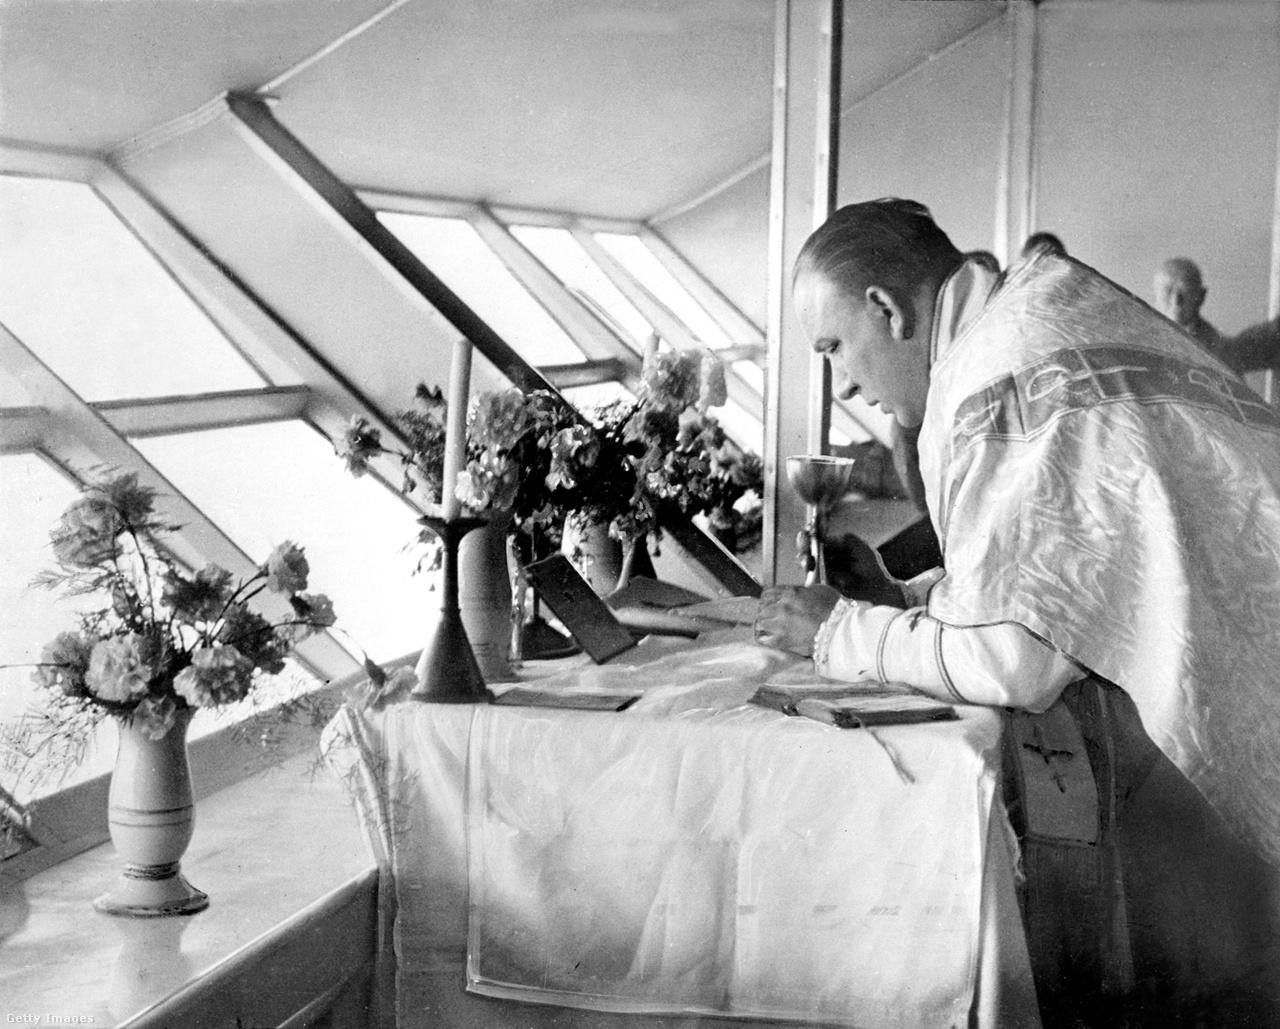 1936. május: mise a Hindenburg fedélzetén, valahol az Atlanti-óceán fölött, első útján Amerika felé. A pápa állítólag csak úgy adott engedélyt a szertartásra, hogy ha ígéretet kap arra, hogy nem ömlik ki a misebor. A meglehetősen simán repülő Hindenburg kapitánya szavát adta.